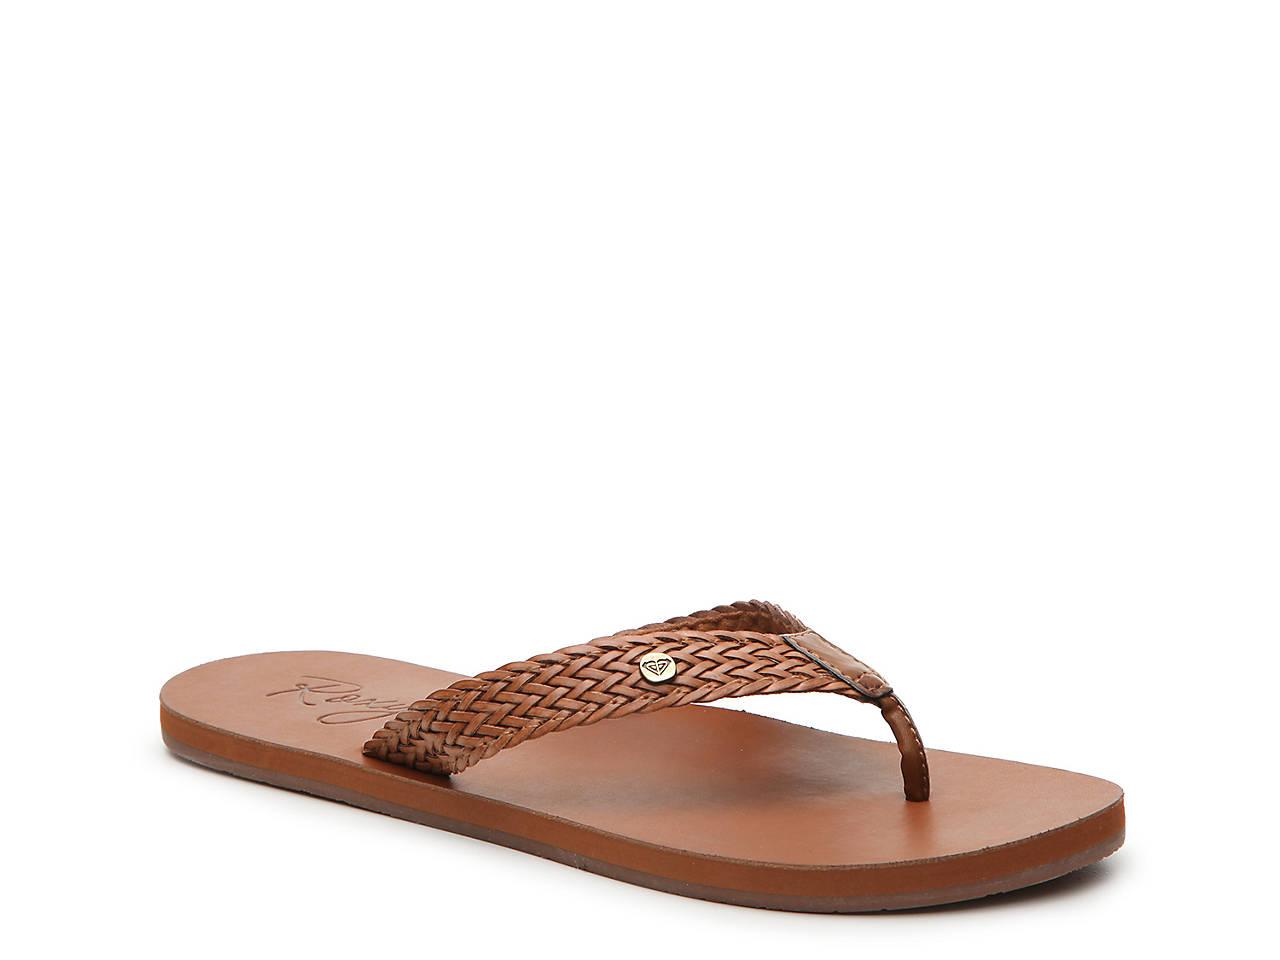 d0d0290c4 Roxy Lola Flip Flop Women s Shoes